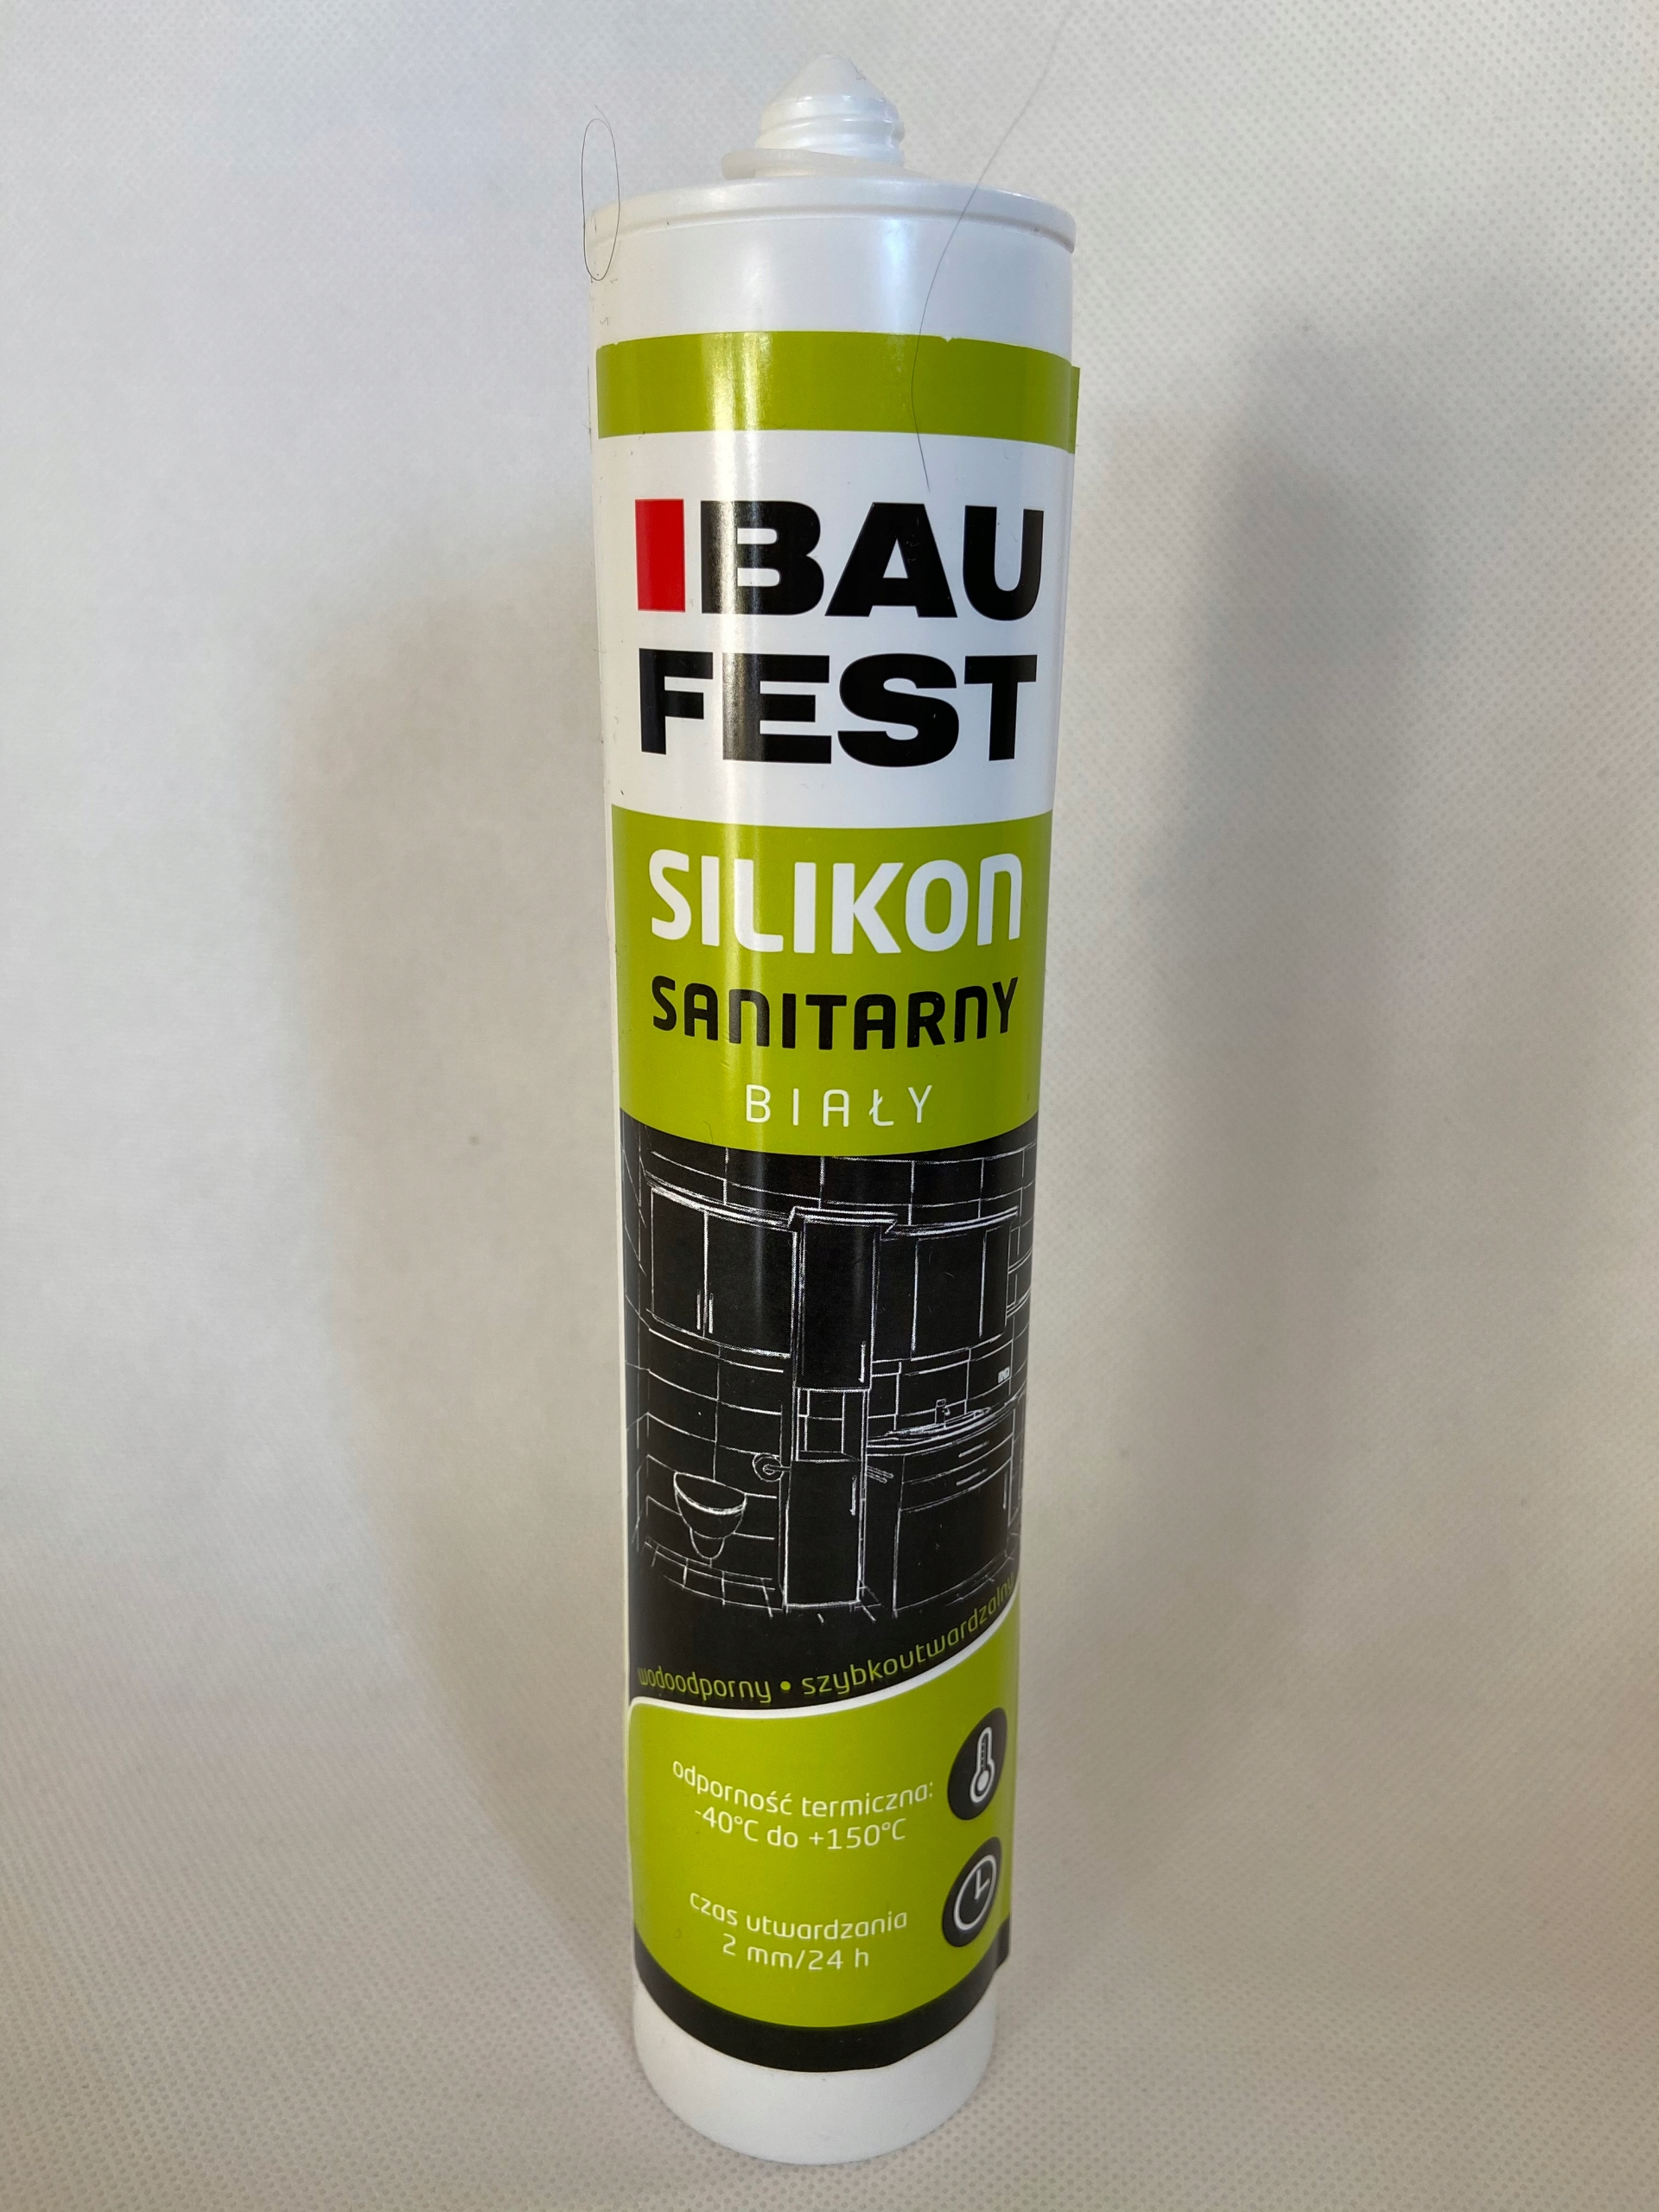 SILIKON BAUFEST - SANITARNY BIAłY280ML